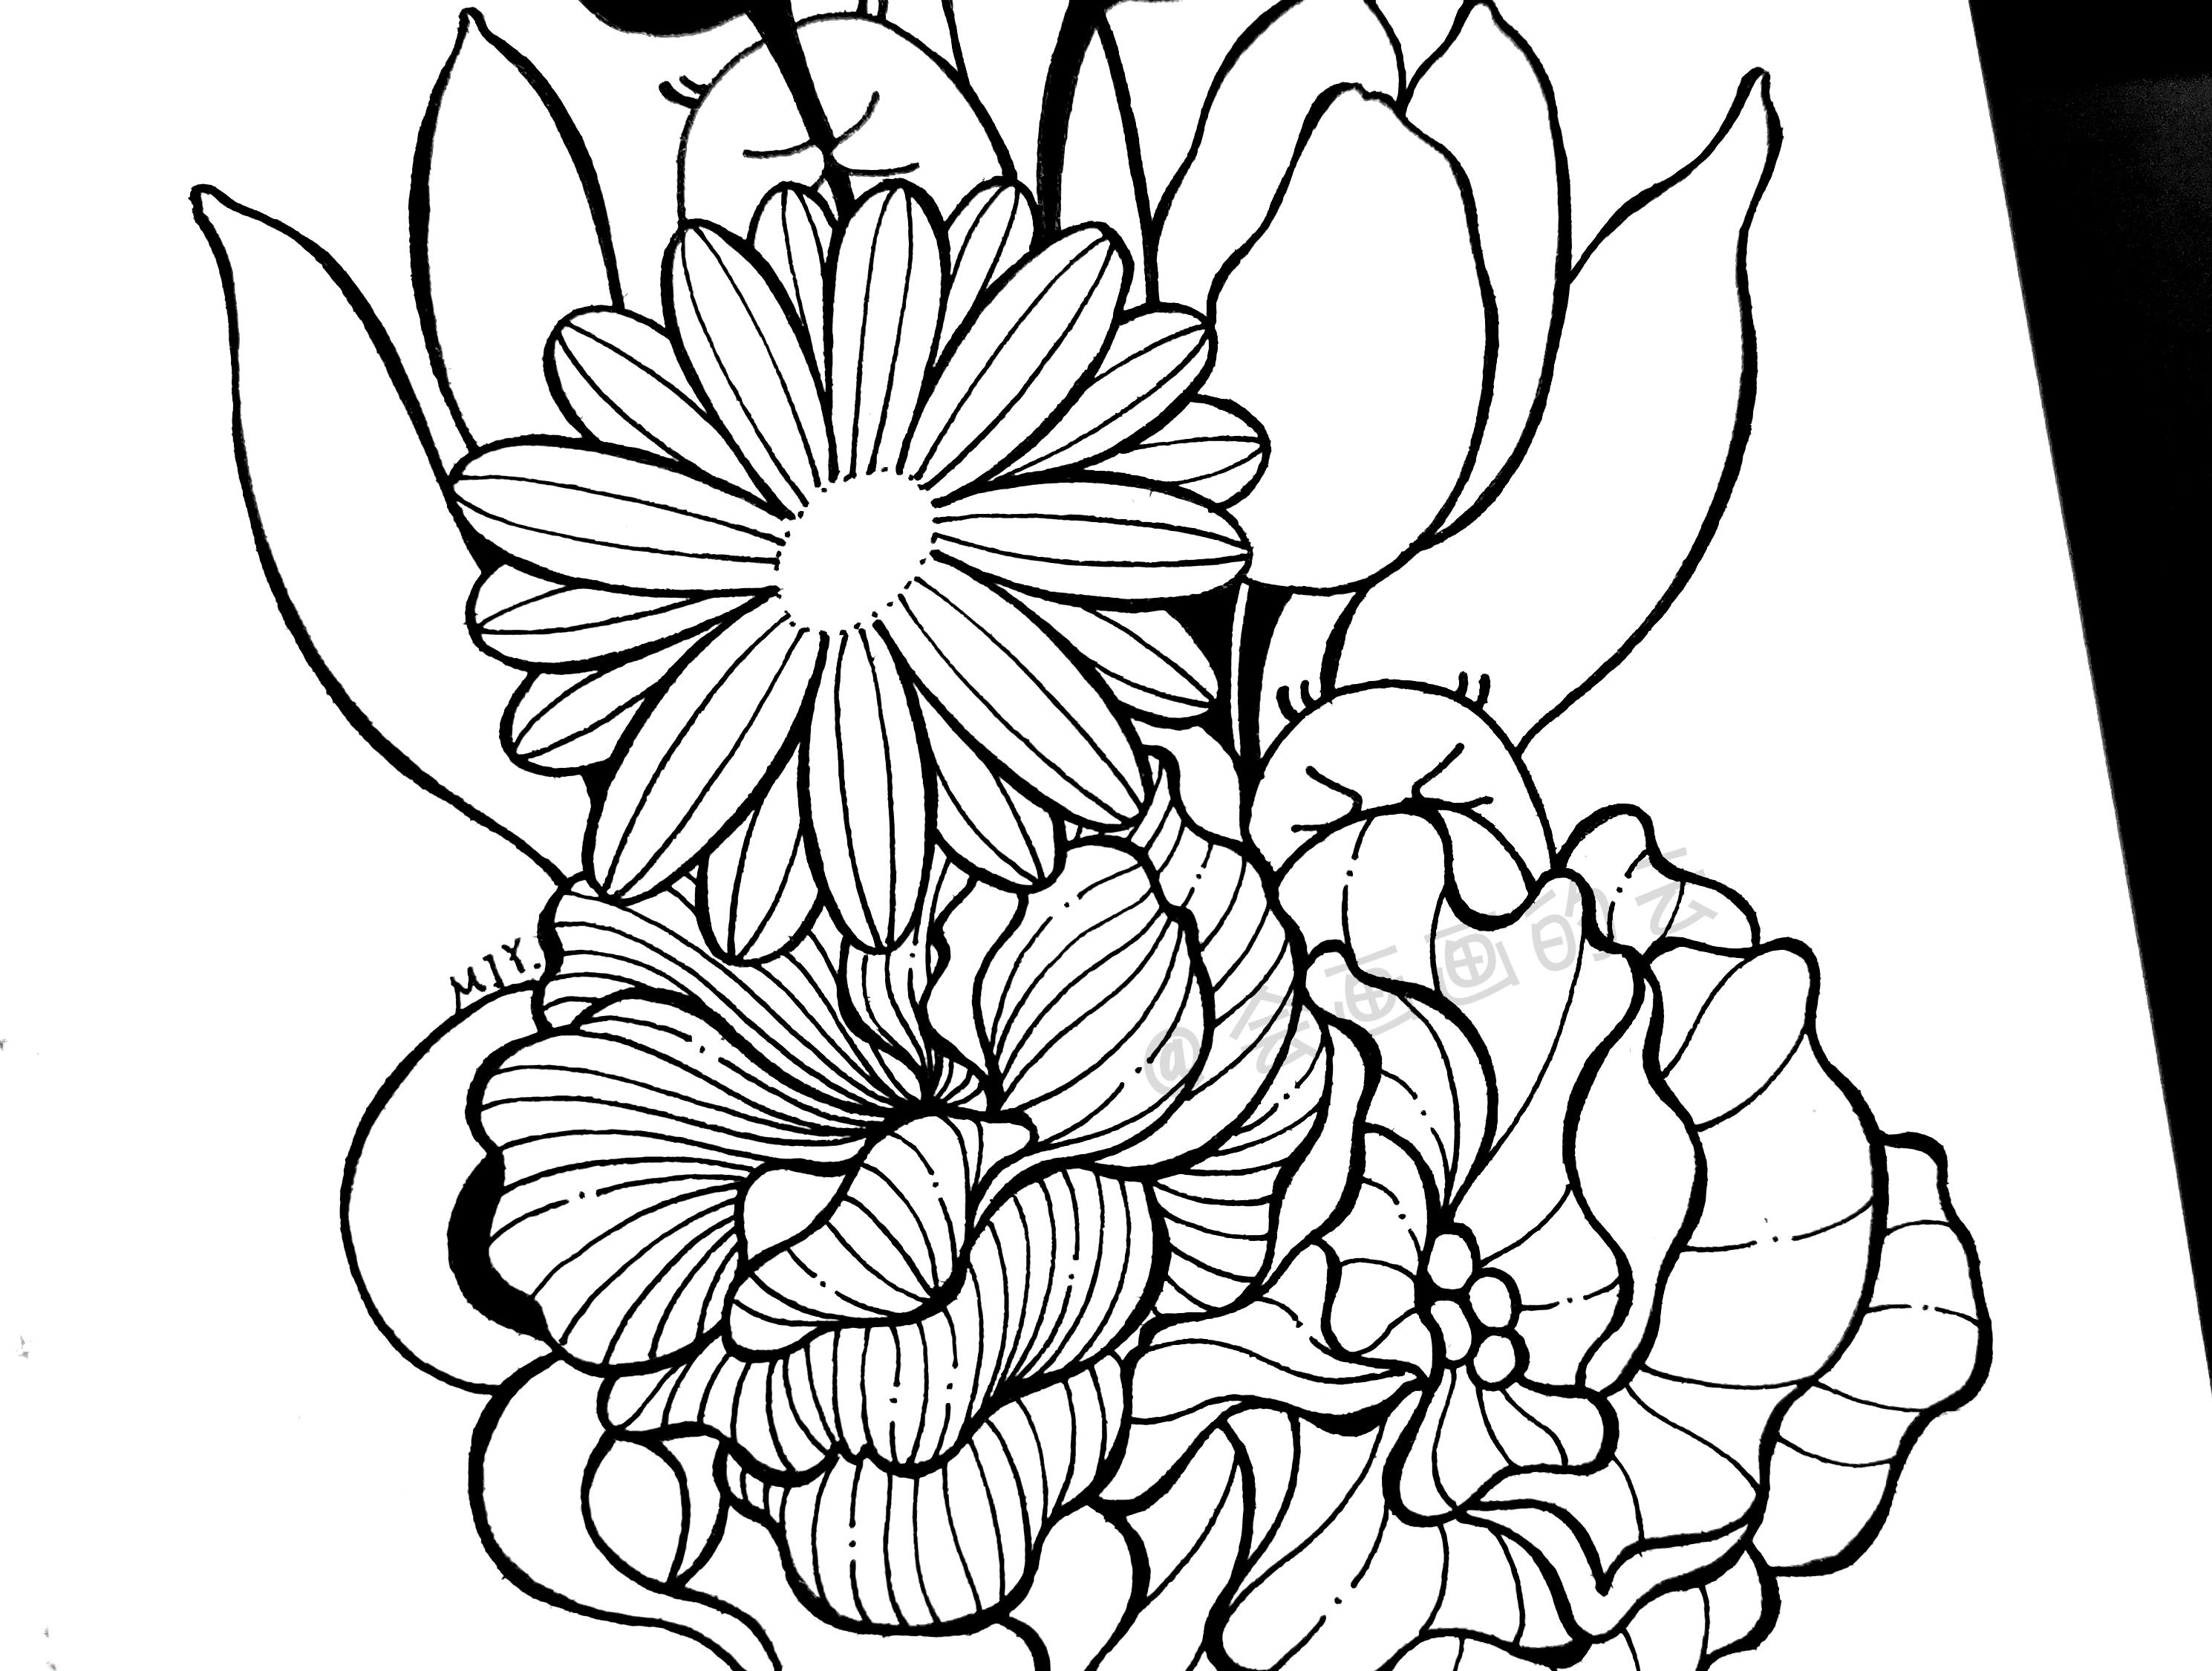 工艺美术绘画十分简易!线框持续反复,一歩一歩教你怎画缕漂亮的花